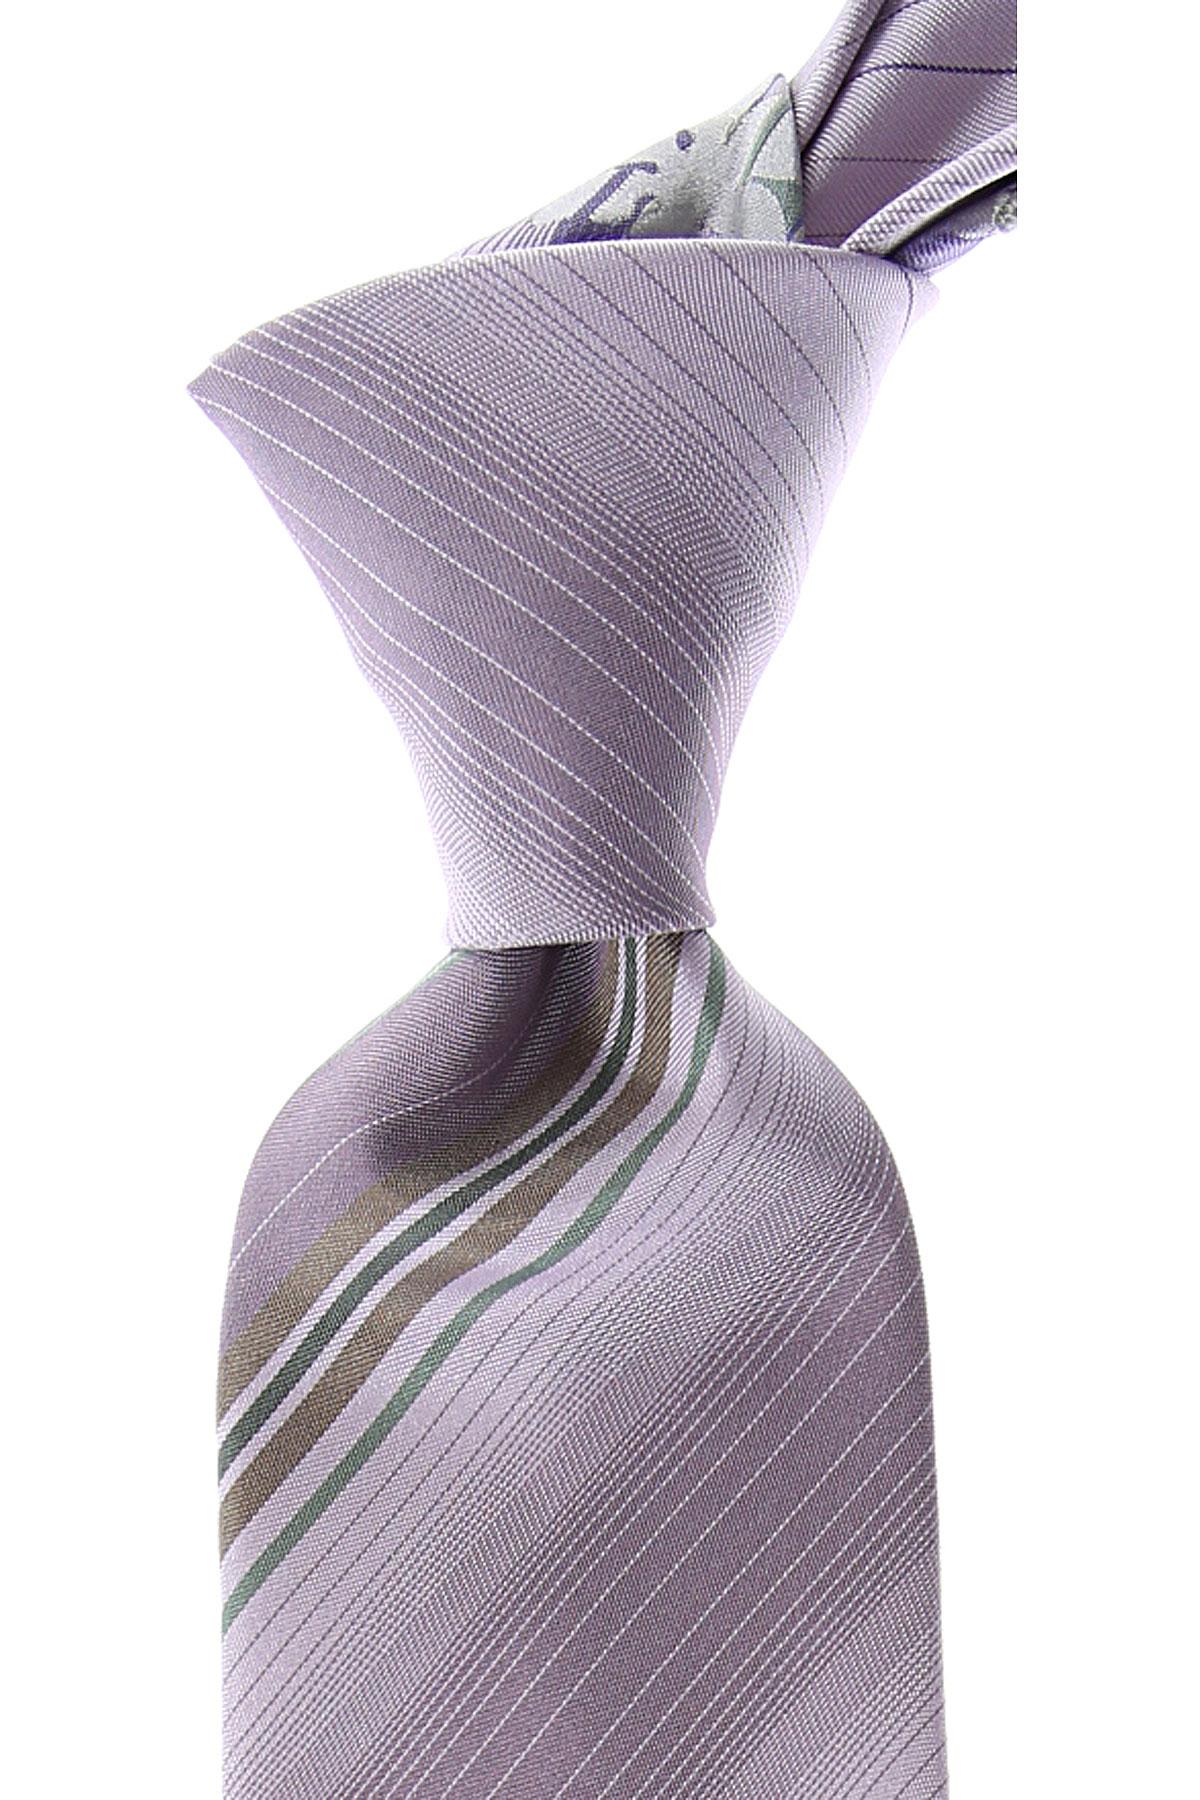 Kenzo Cravates Pas cher en Soldes, Mauve, Soie, 2019